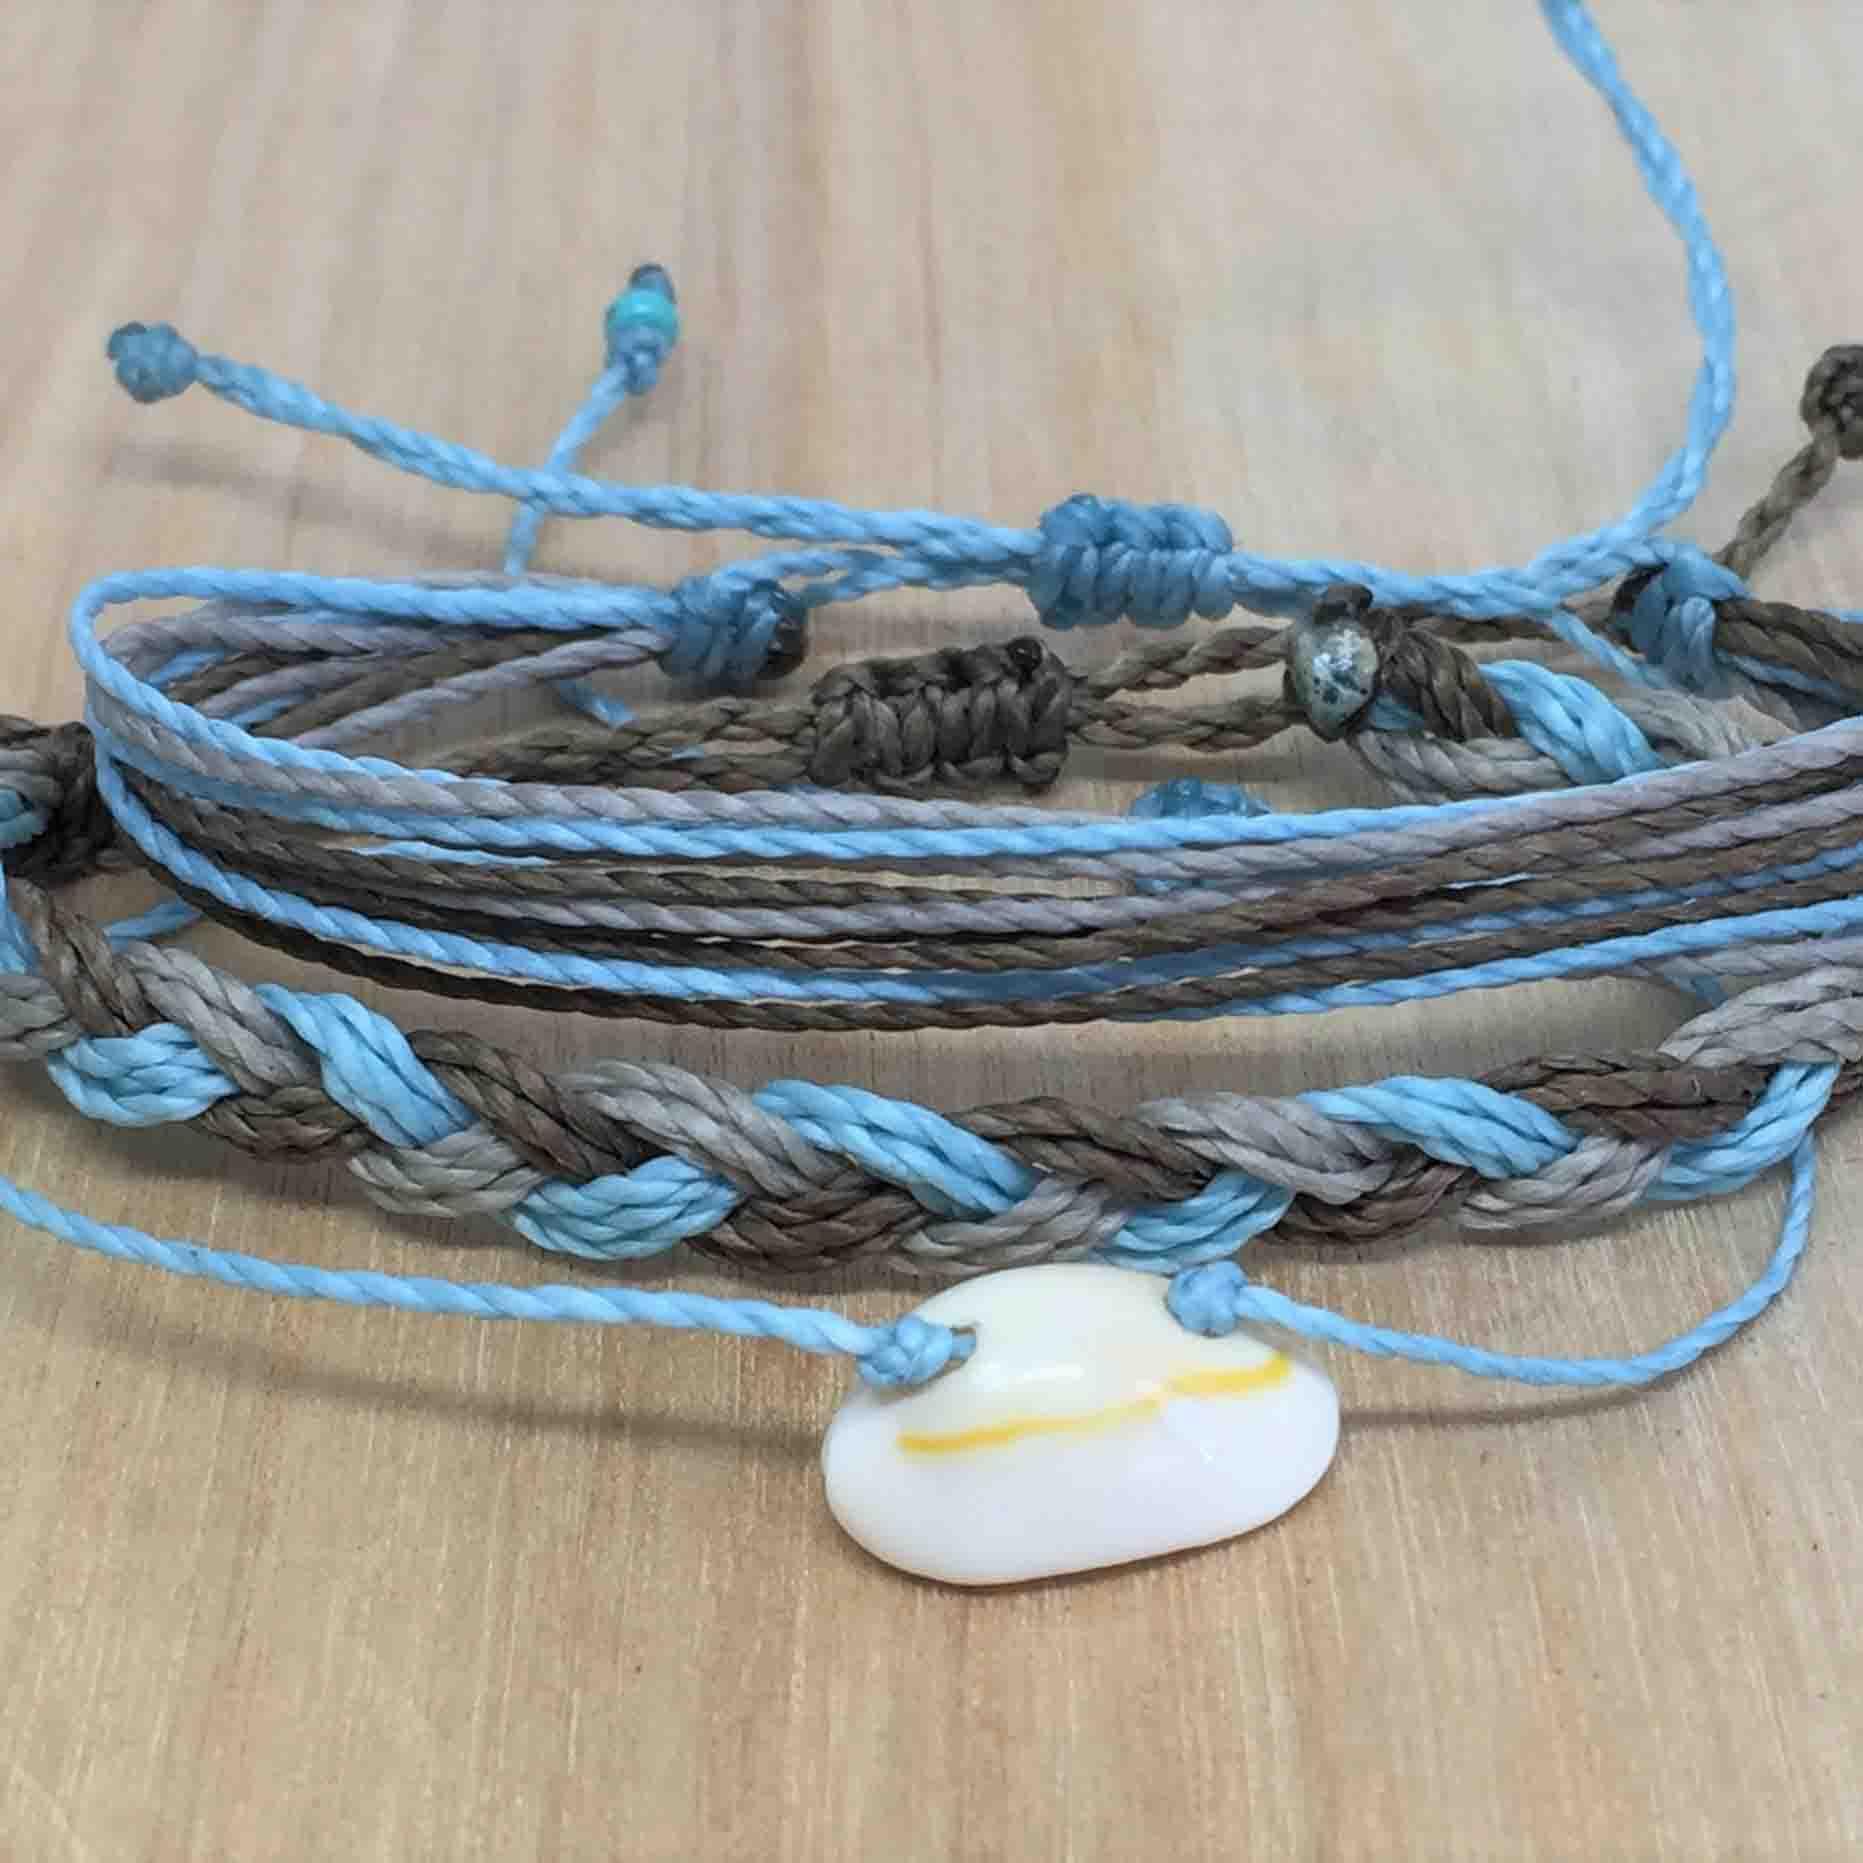 Waxed Cord Bracelet String Bracelet Waterproof Bracelet Friendship Bracelet Adjustable Bracelet Neon Green and Blue Waxed Cord Bracelet